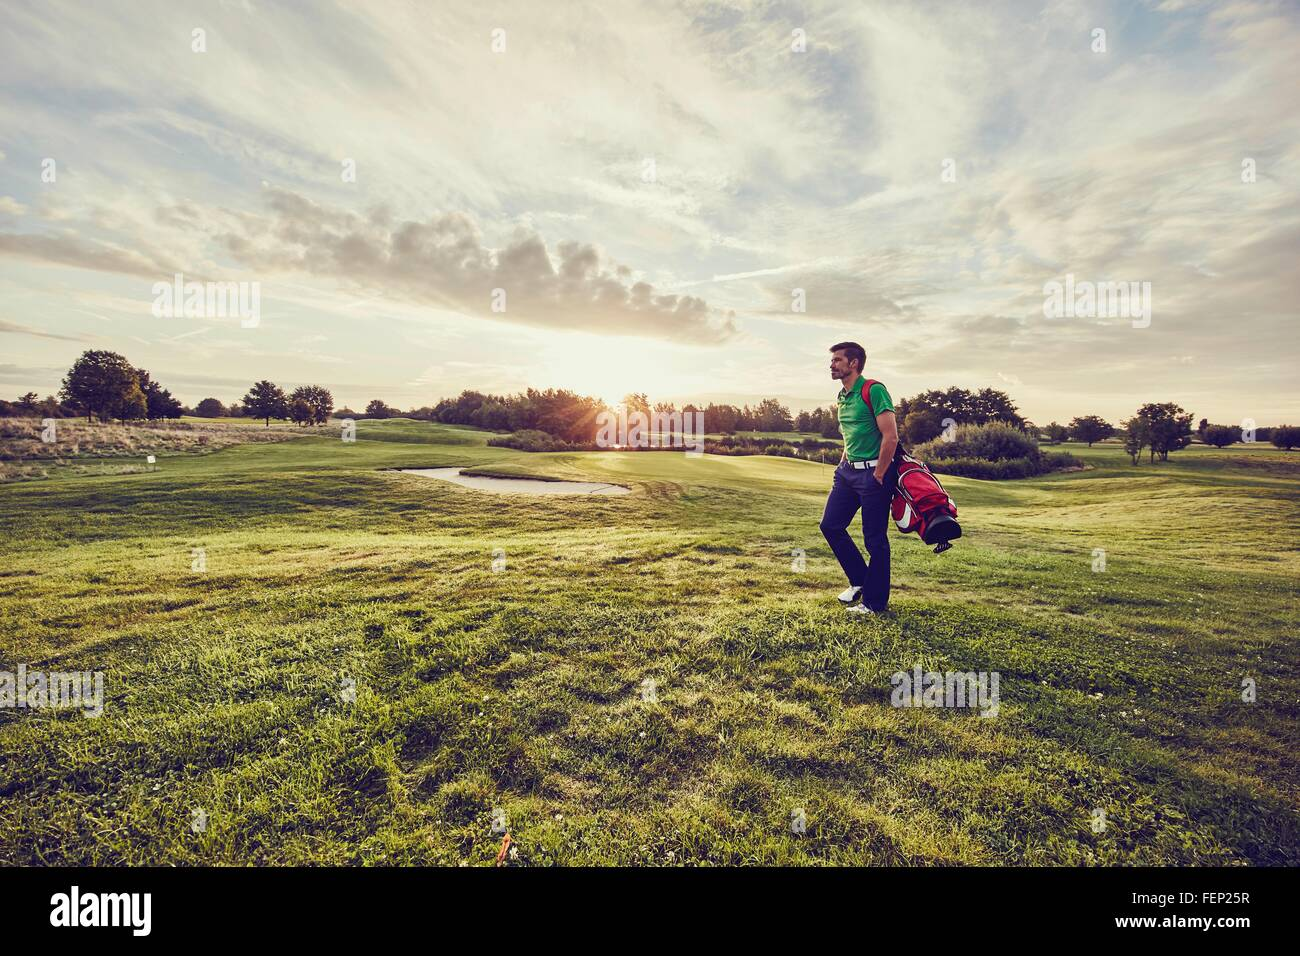 Il Golfer camminando sul corso, Korschenbroich, Dusseldorf, Germania Immagini Stock